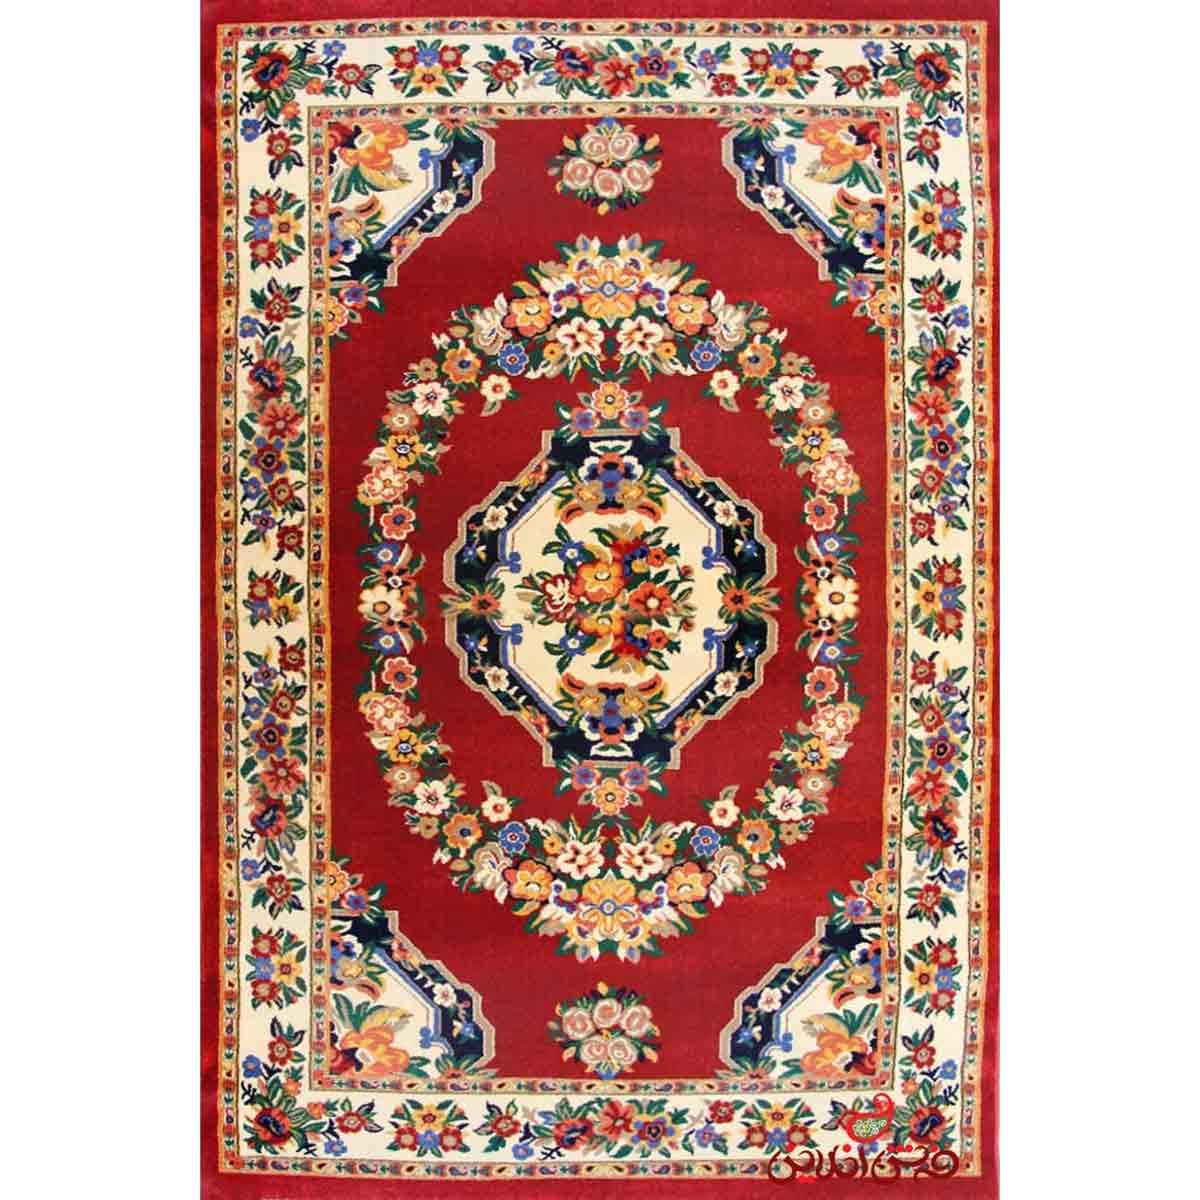 فرش پاتریس طرح گلاب عنابی